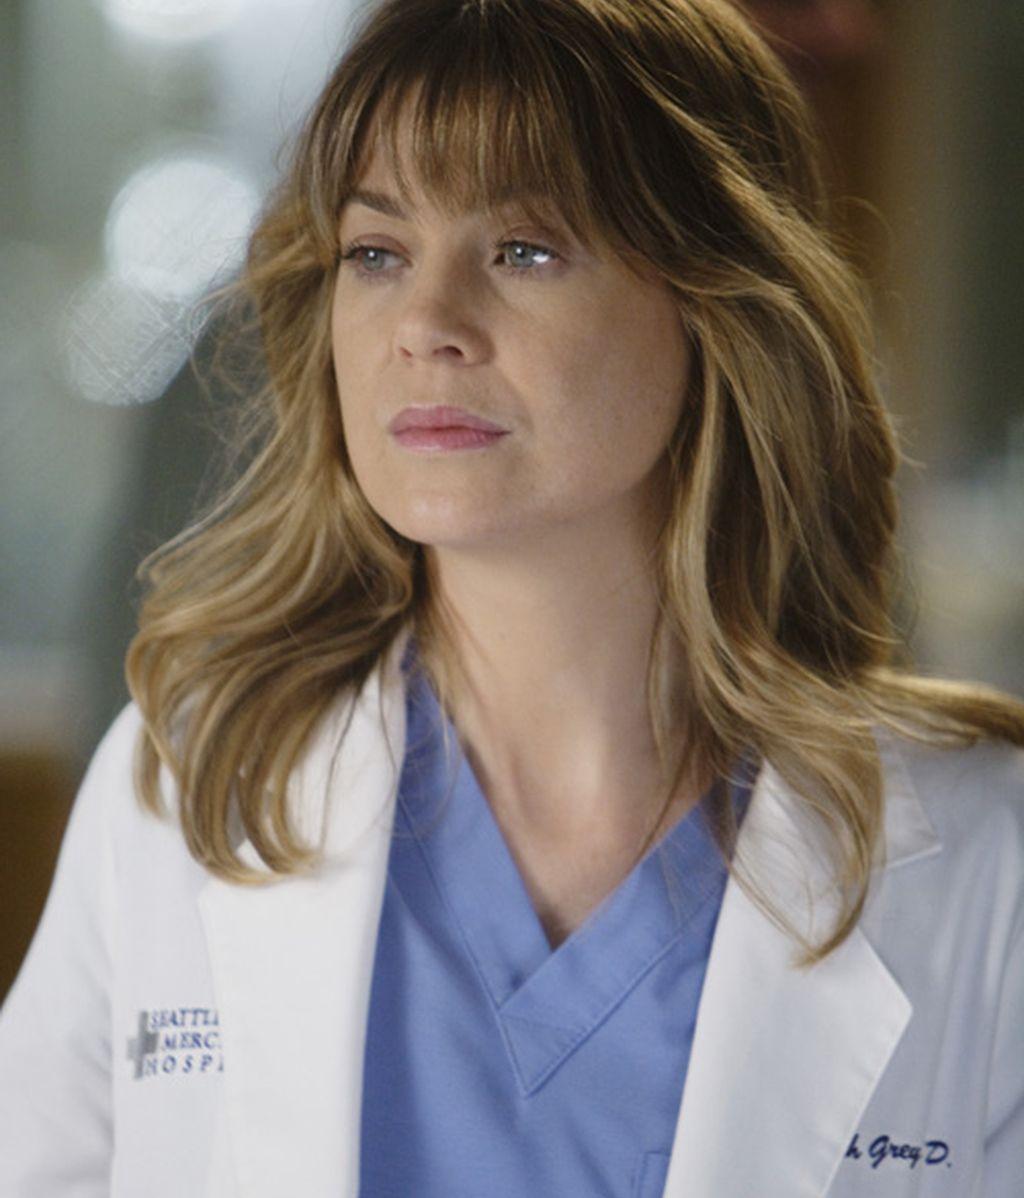 La evolución del peinado de Meredith Grey en 10 pasos